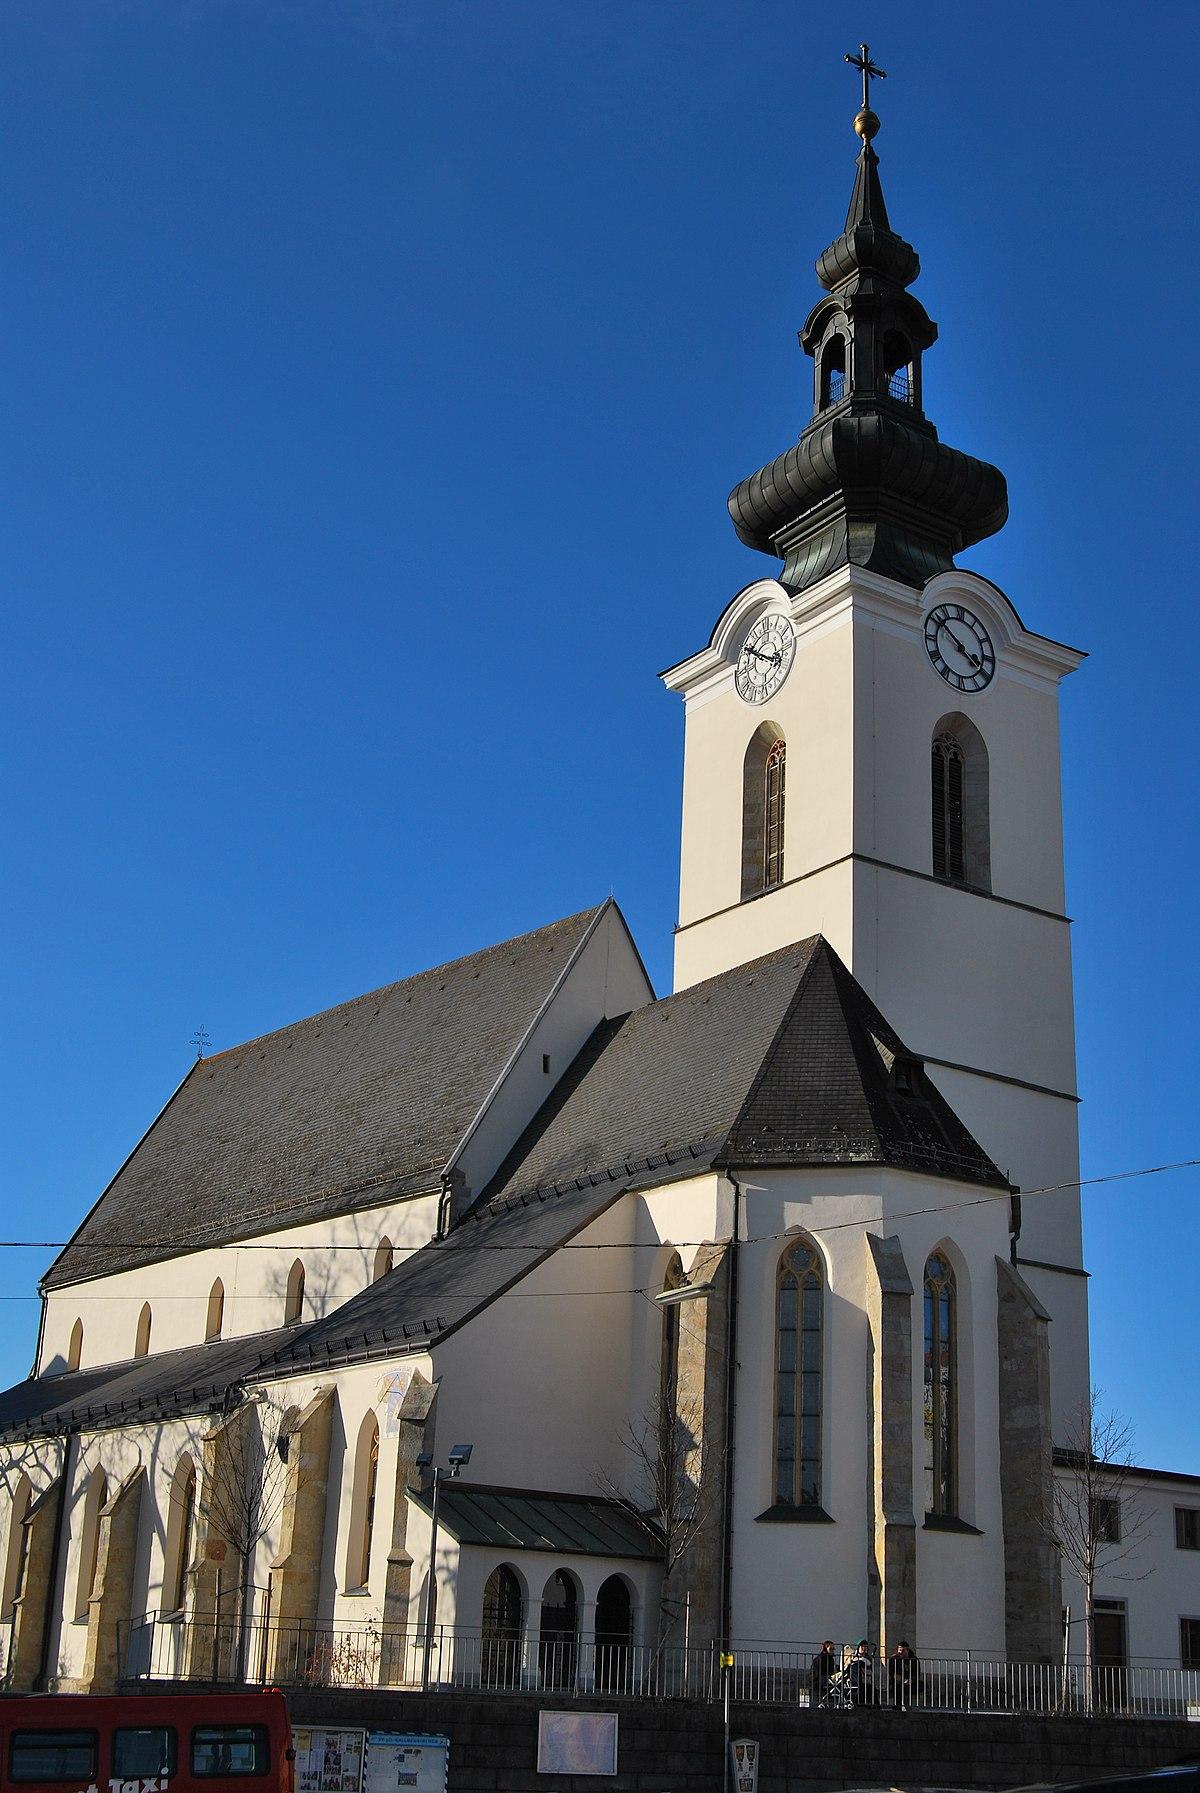 Sport Roth - Stadtgemeinde Gallneukirchen - Home